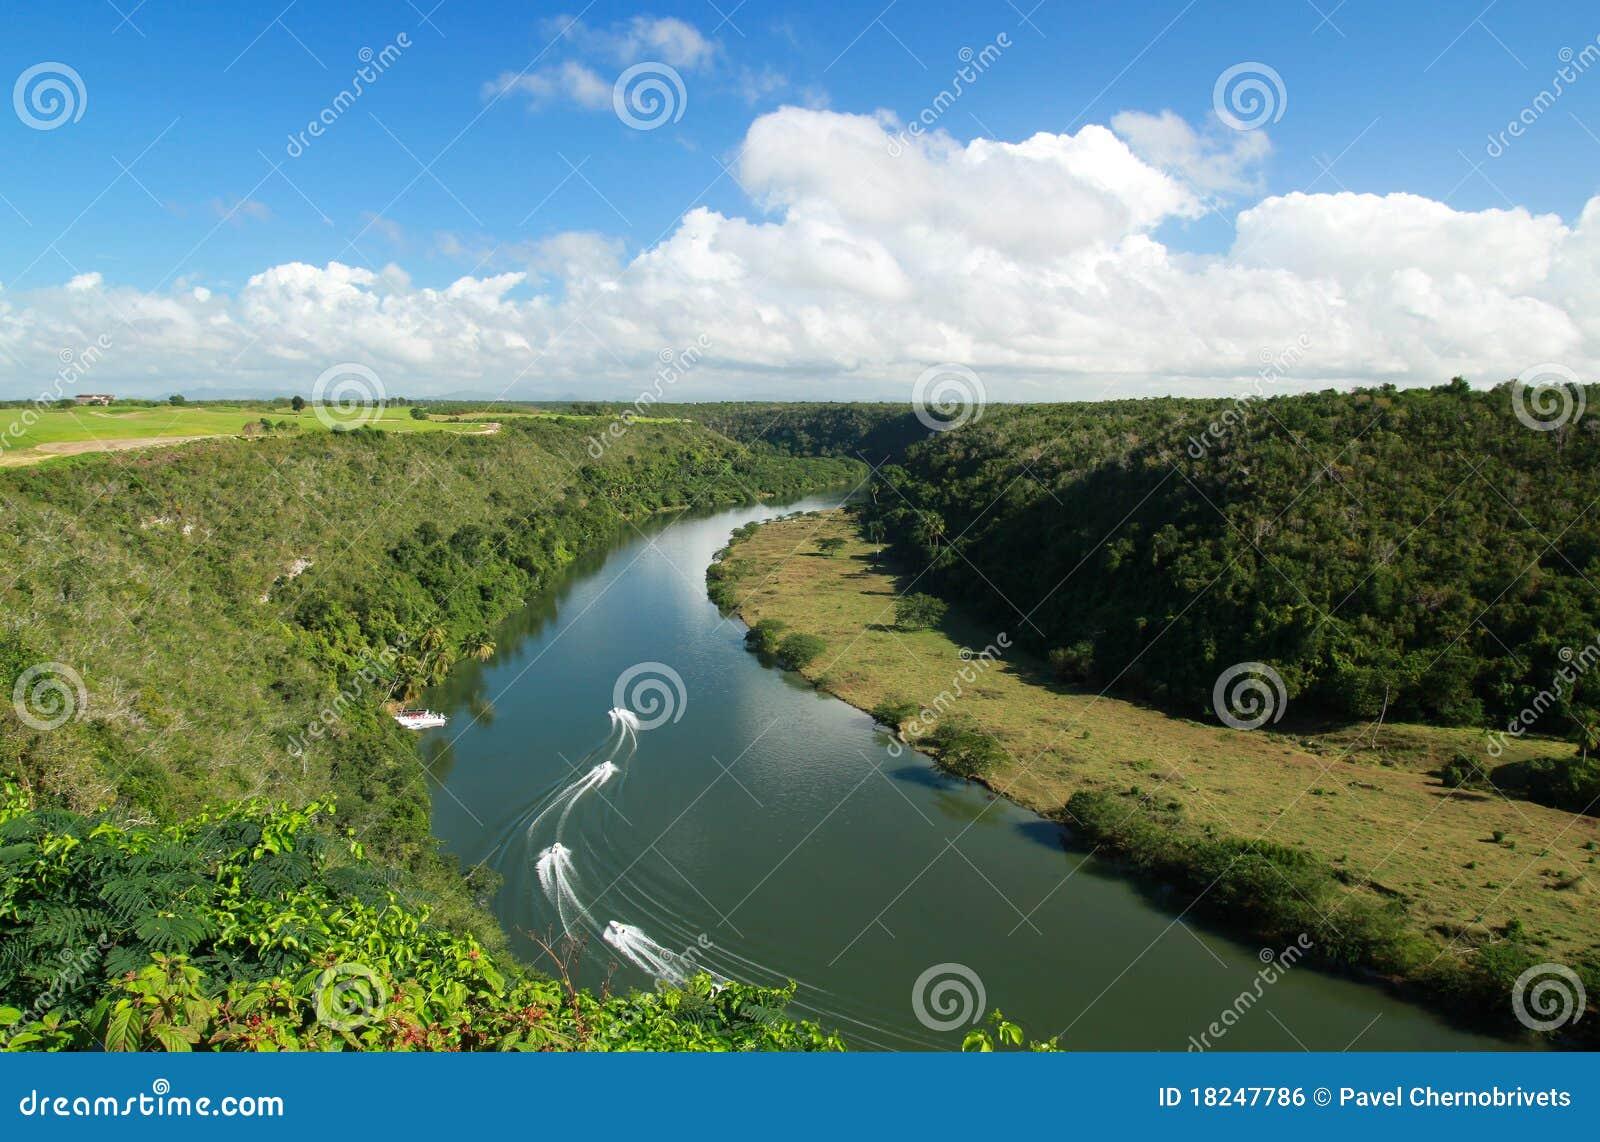 Royalty-vrije stock afbeelding: tropische rivier chavon met boten